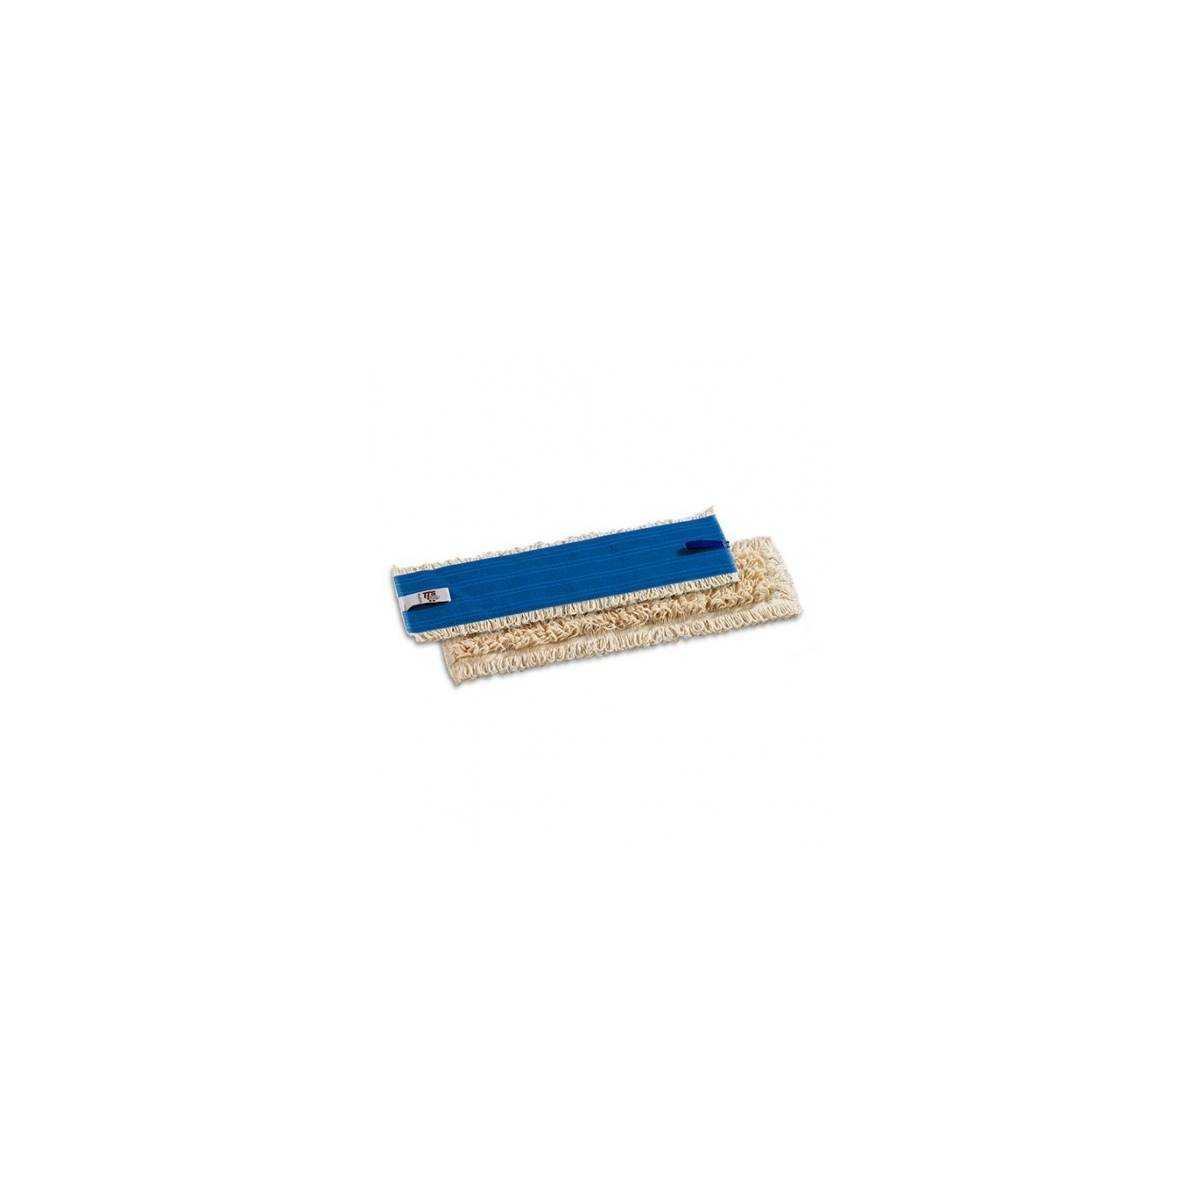 Моп ECO Velcro хлопок 40см 00000635 TTS